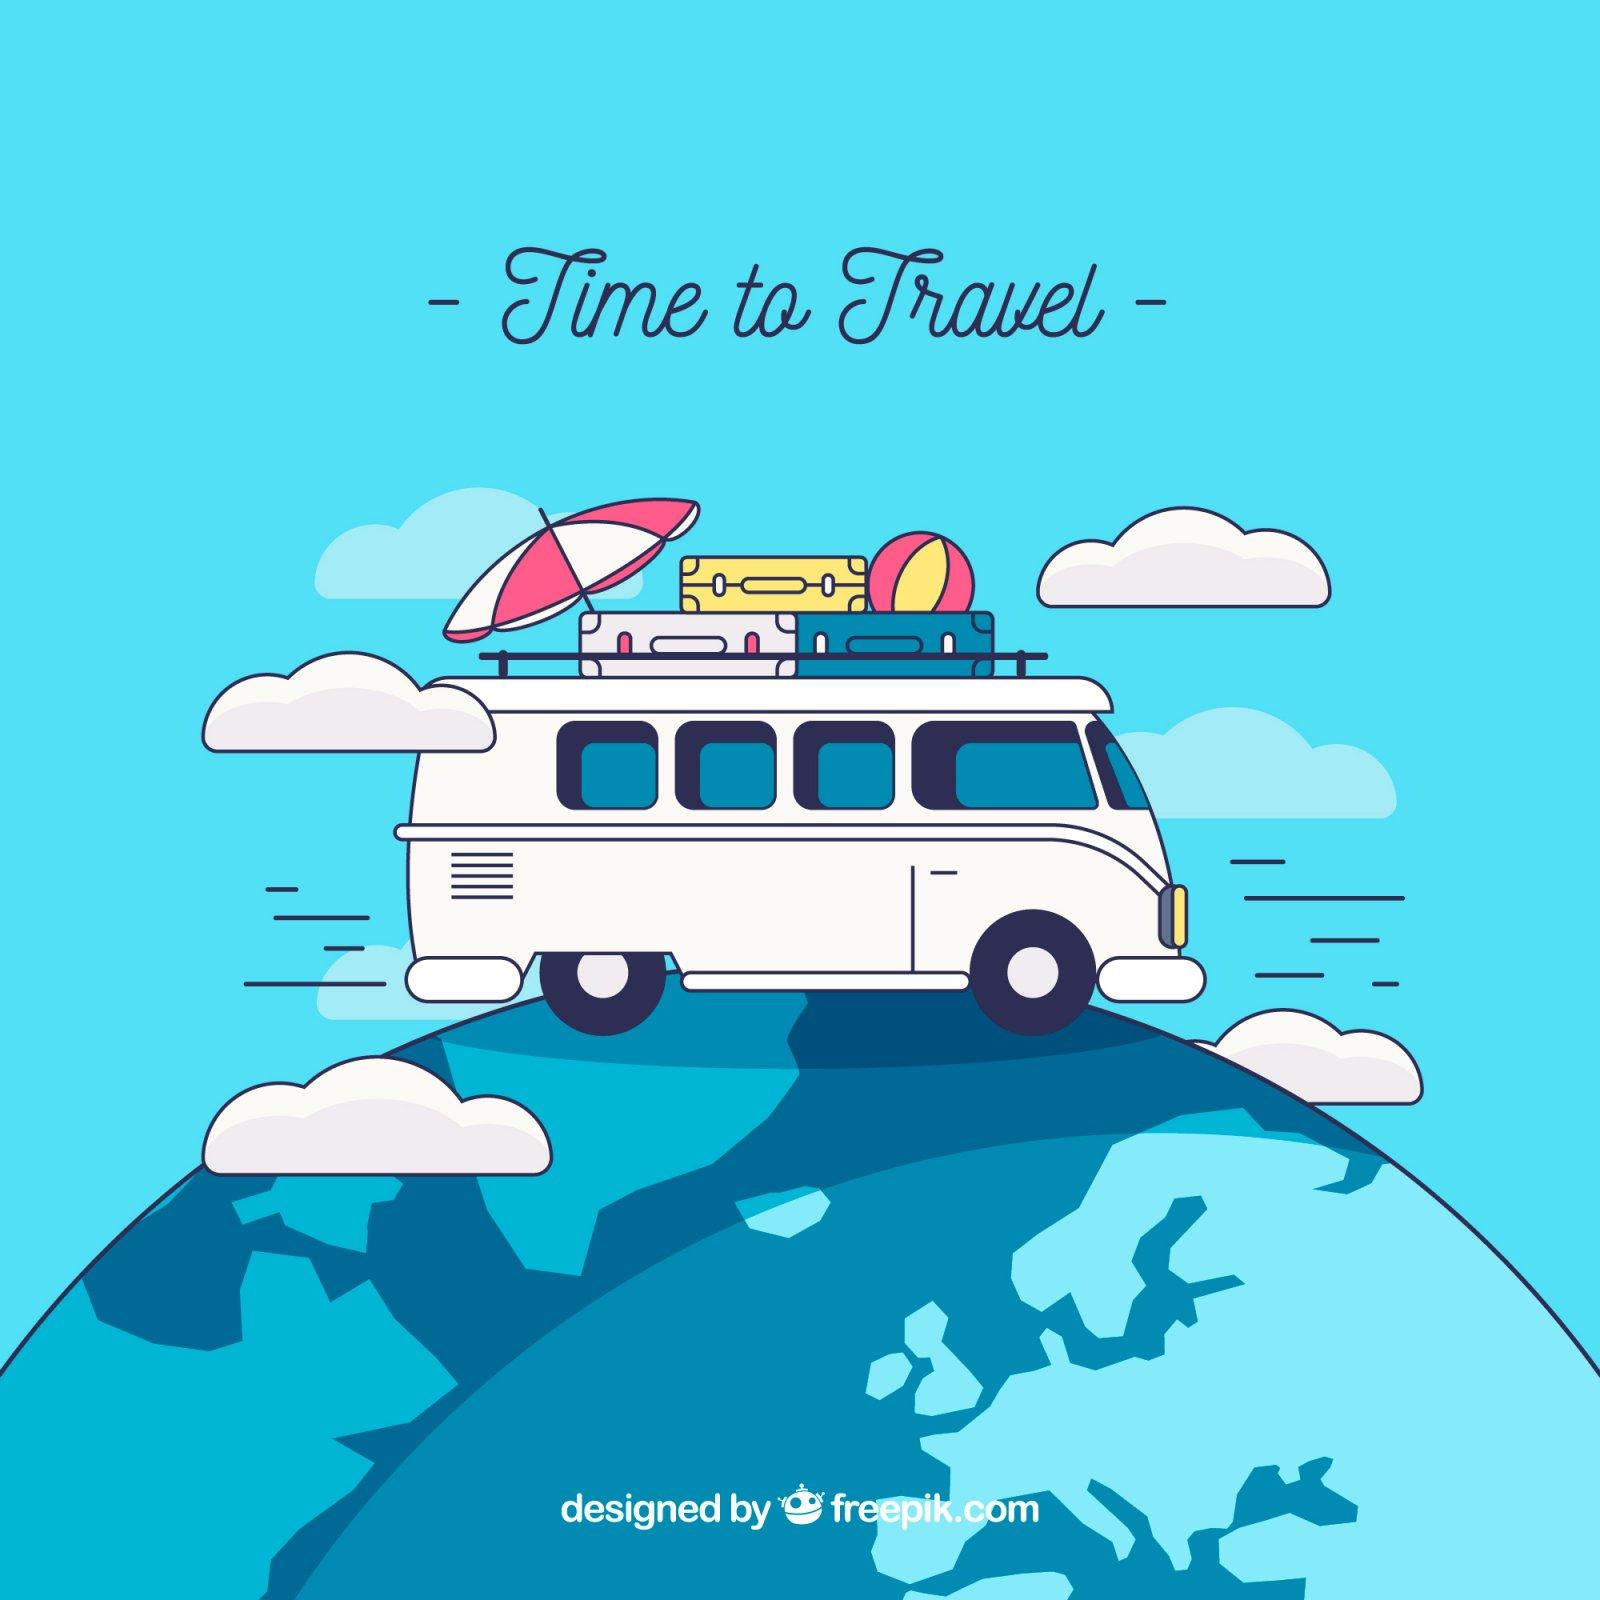 مغامرات حول العالم سافر و اقضي اجمل اوقاتك في تجارب جديدة لك كليا